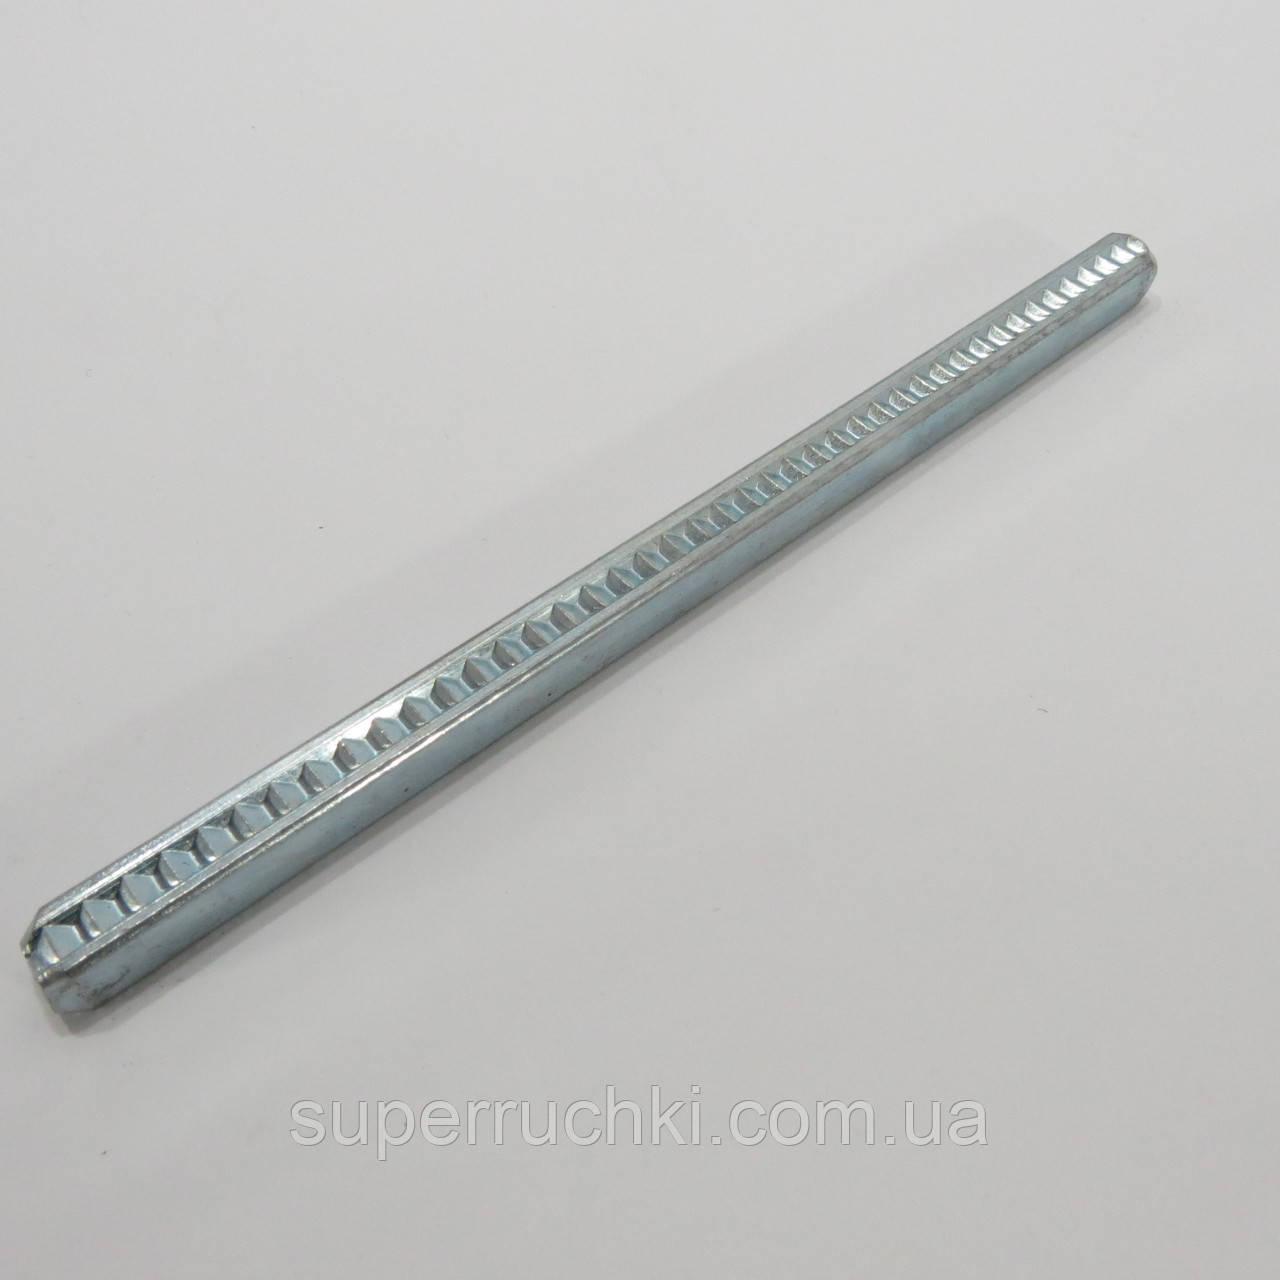 Квадрат под ручки 160 мм